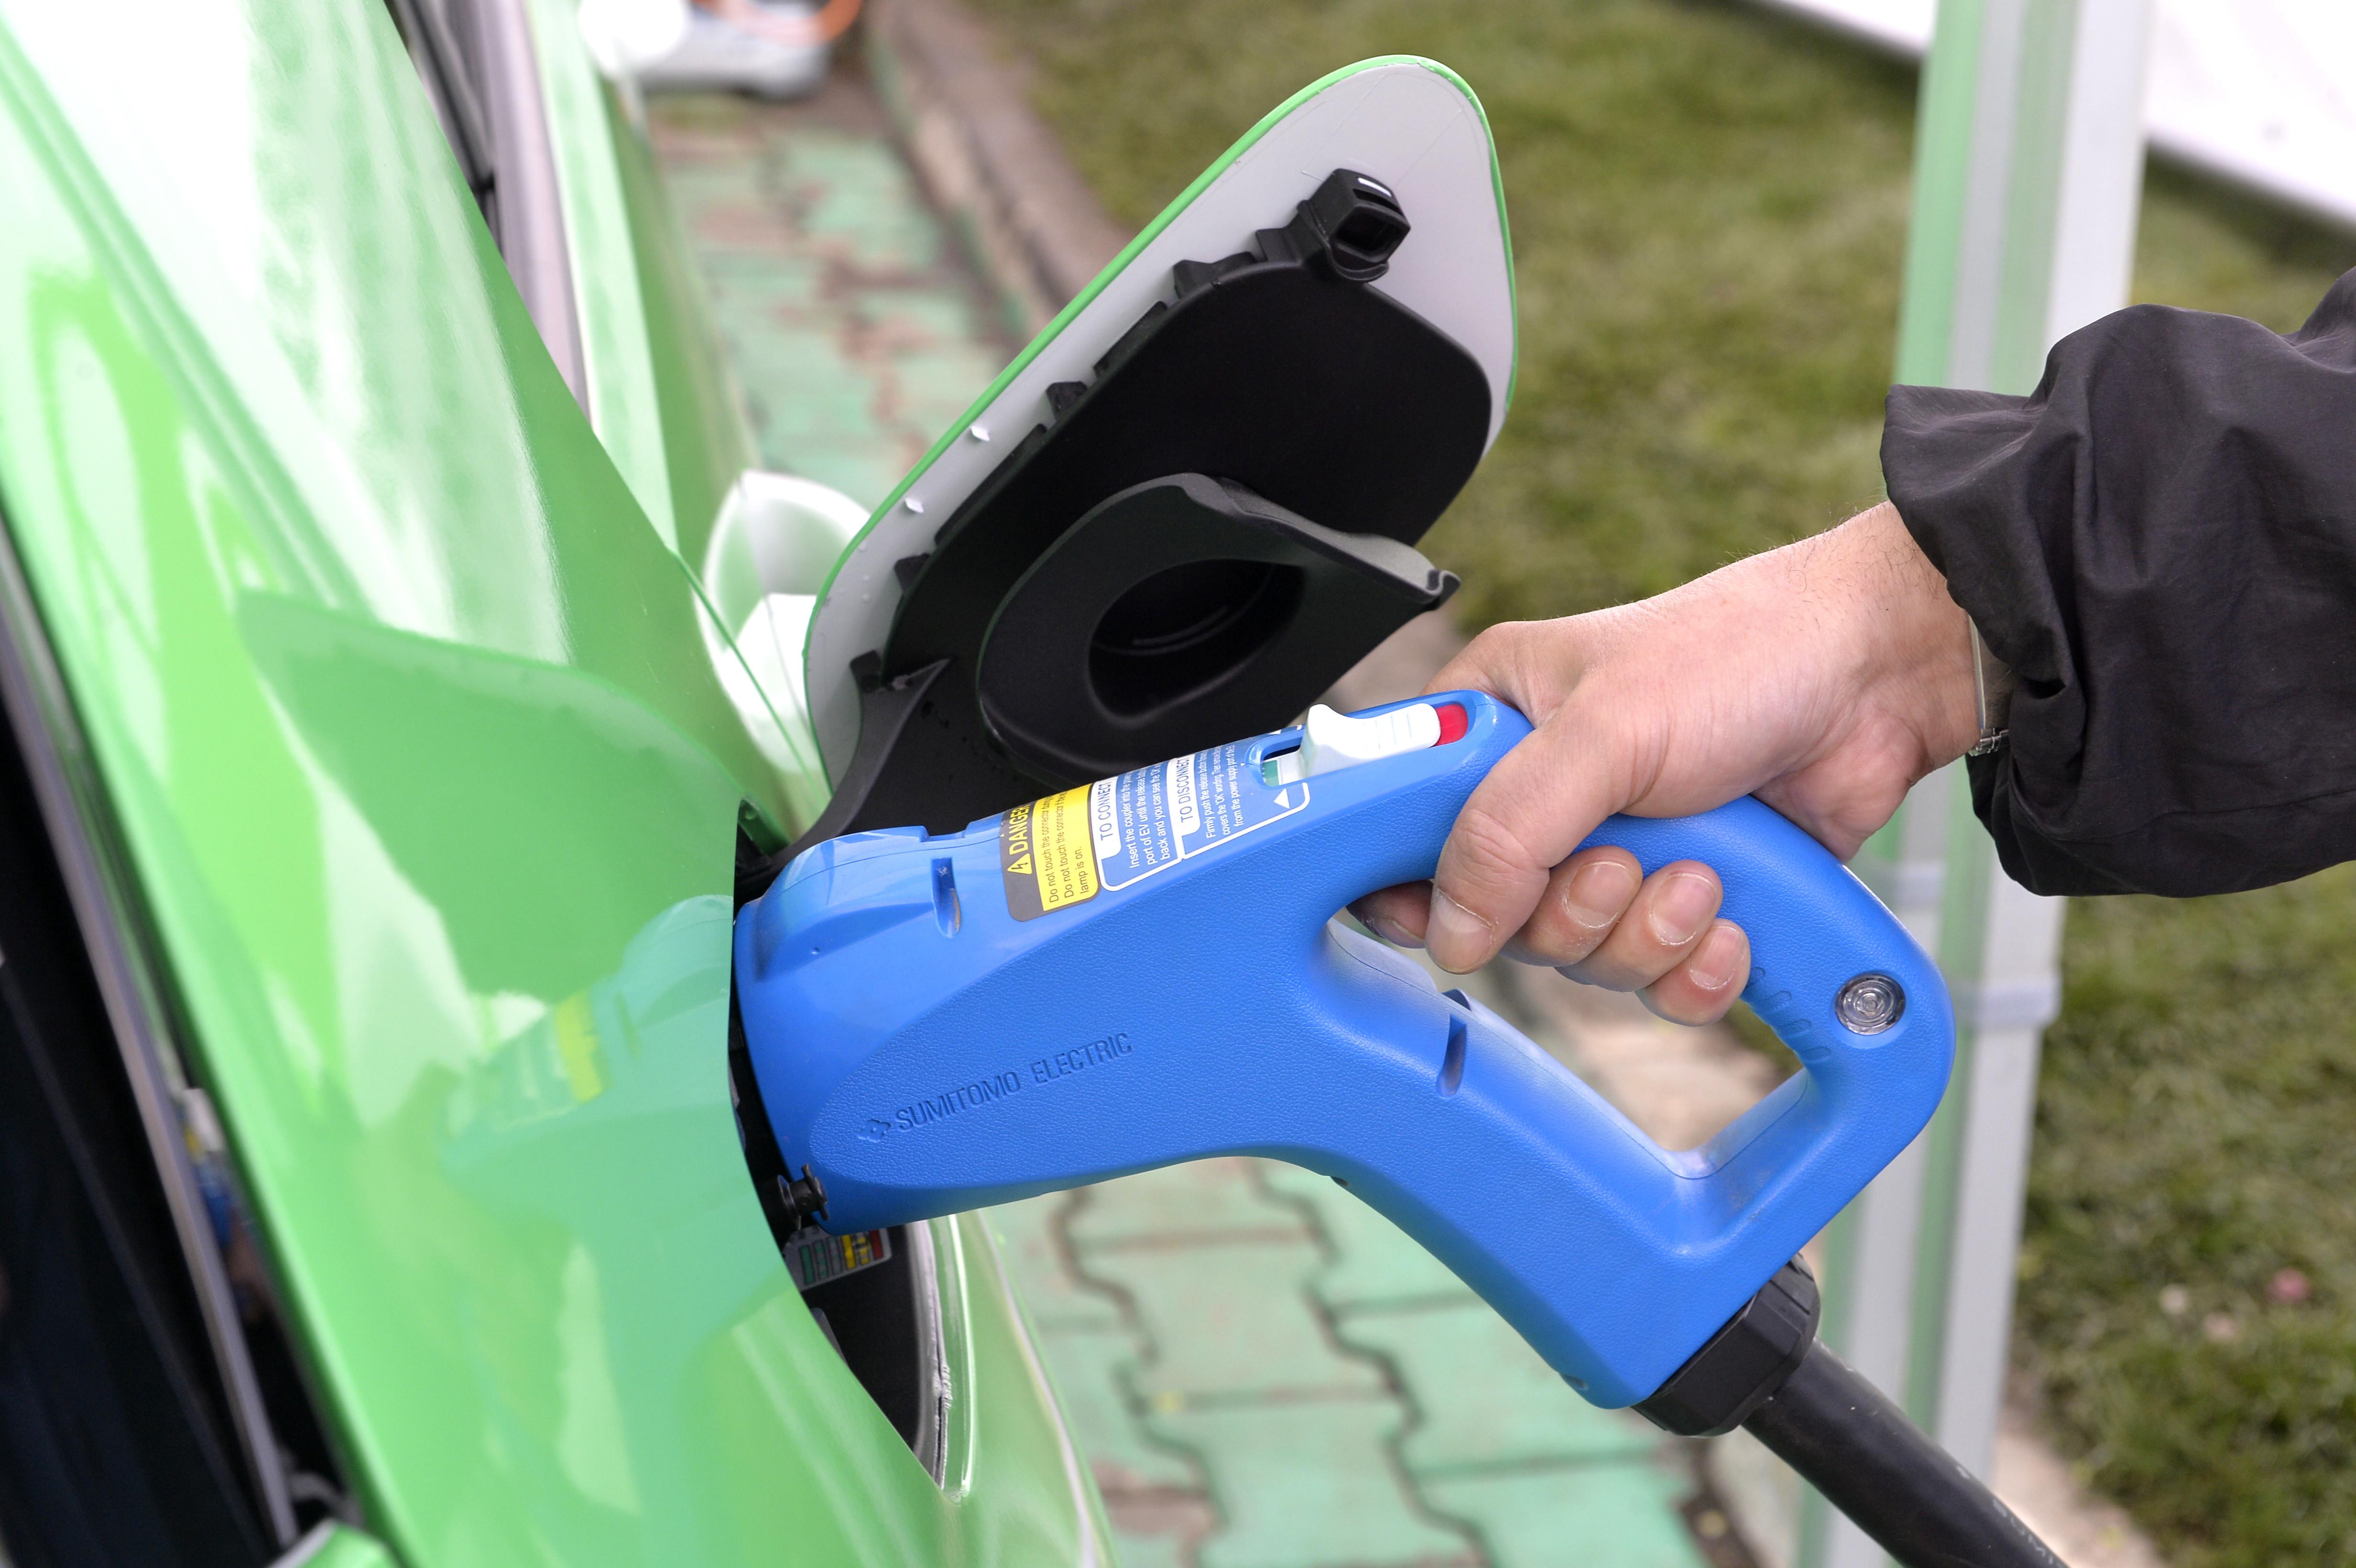 Raport: UE trebuie sa accelereze instalarea staţiilor de incarcare a automobilelor electrice